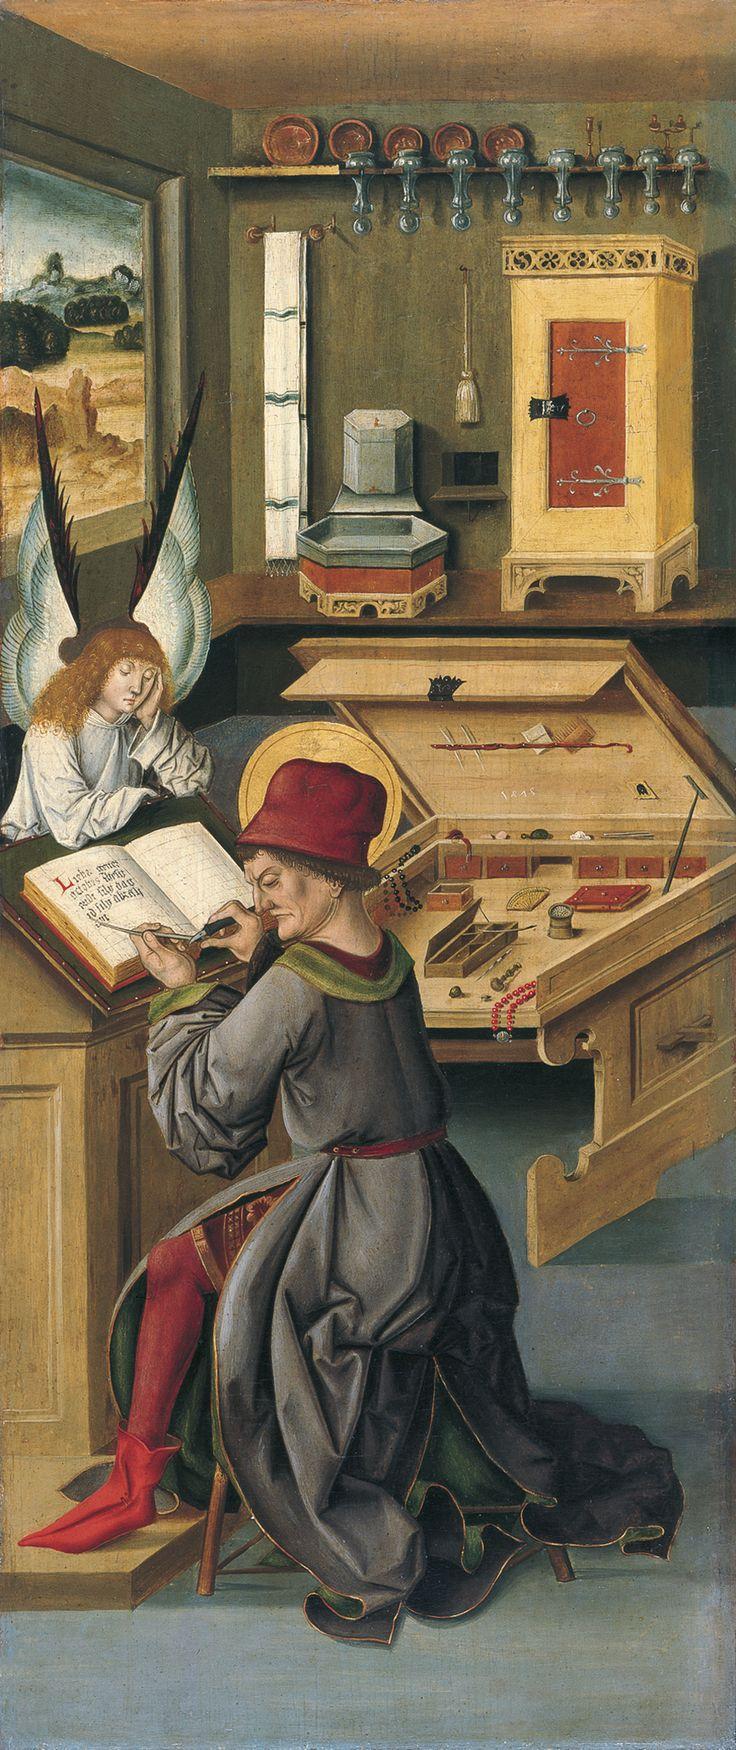 Gabriel Mälesskircher Saint Matthew the Evangelist 1478 Oil on panel 77.4 x 32.2 cm Museo Thyssen-Bornemisza, Madrid INV. Nr. 234 (1928.16)